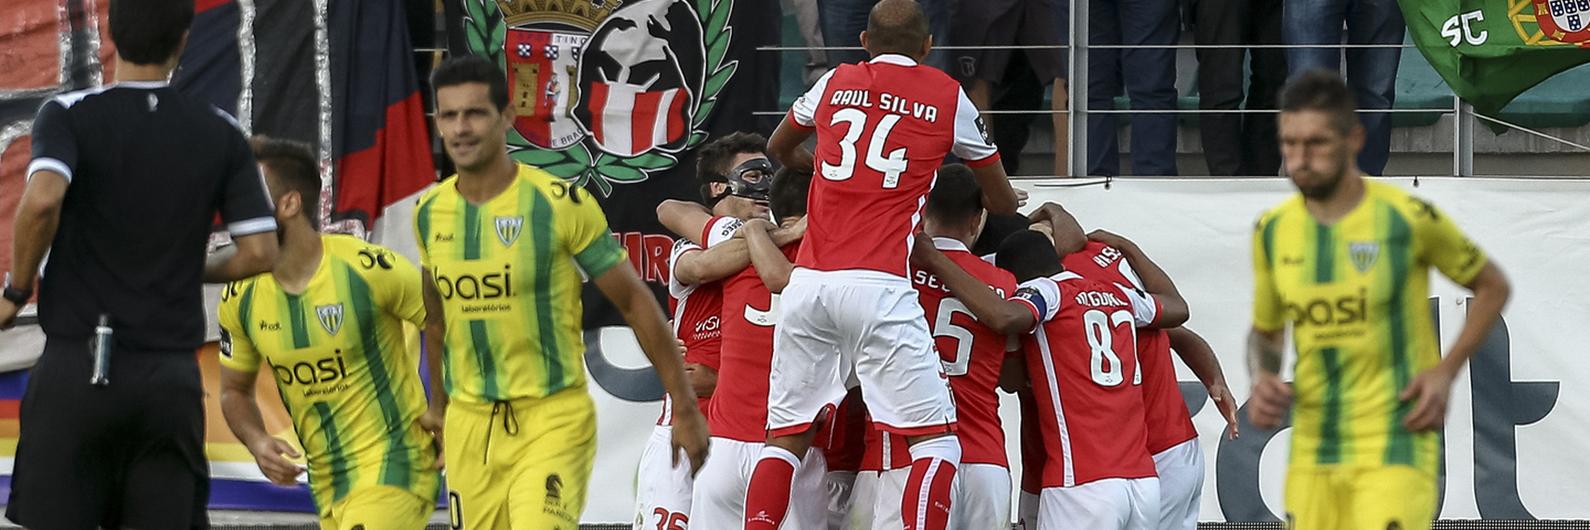 Tondela derrotado pelo SC Braga. Ricardo Costa faz um dos autogolos do ano